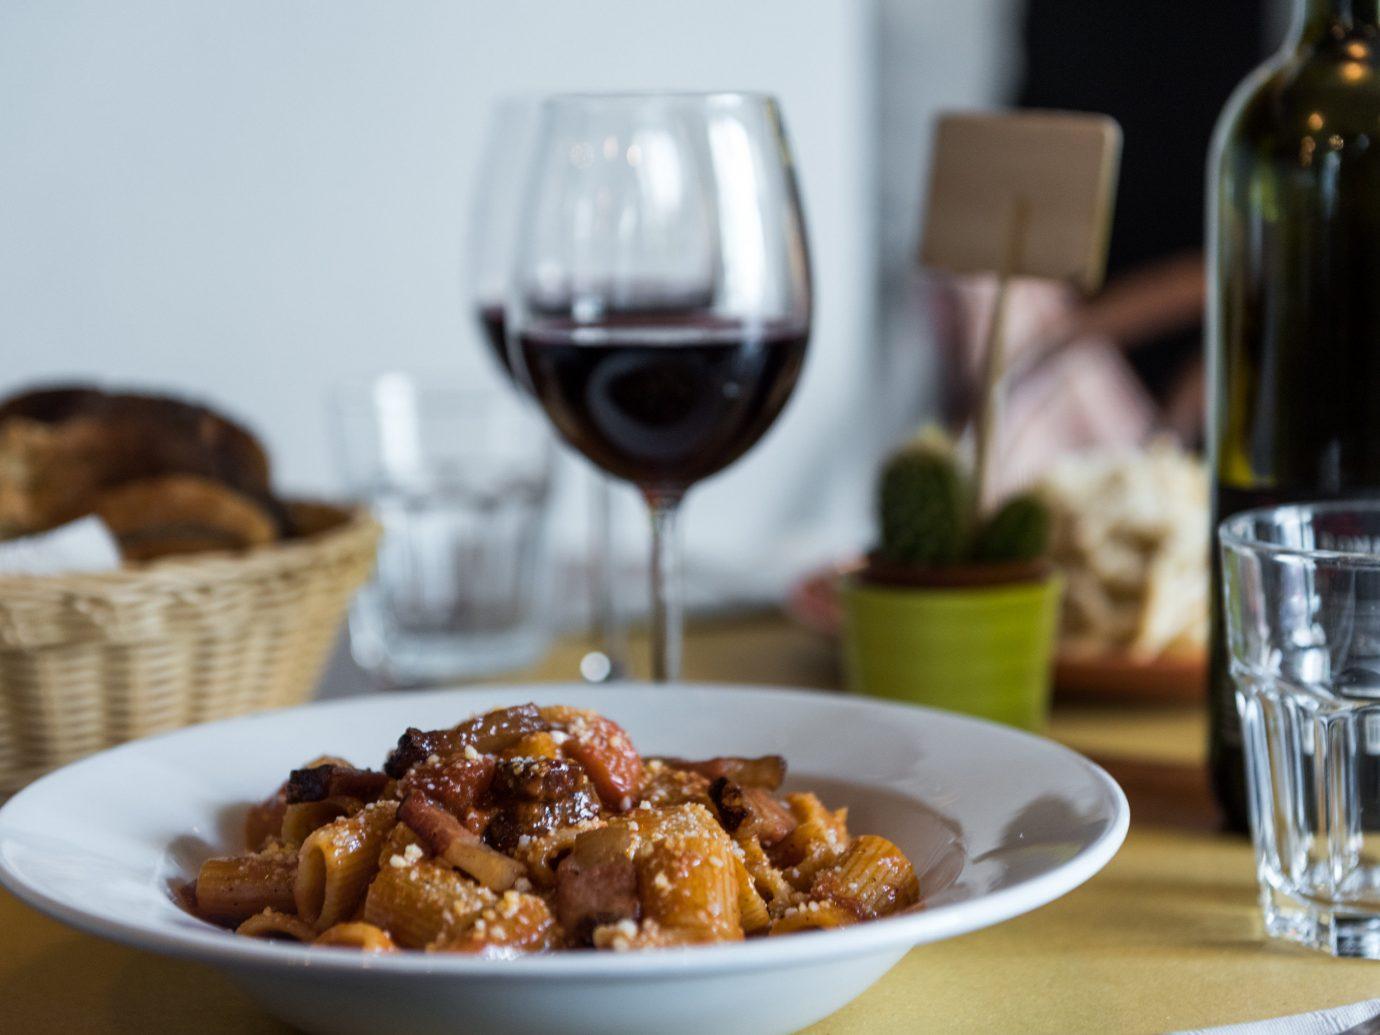 Trip Ideas table plate food wine dish cuisine tableware recipe meatball Drink dinner meal meat piece de resistance